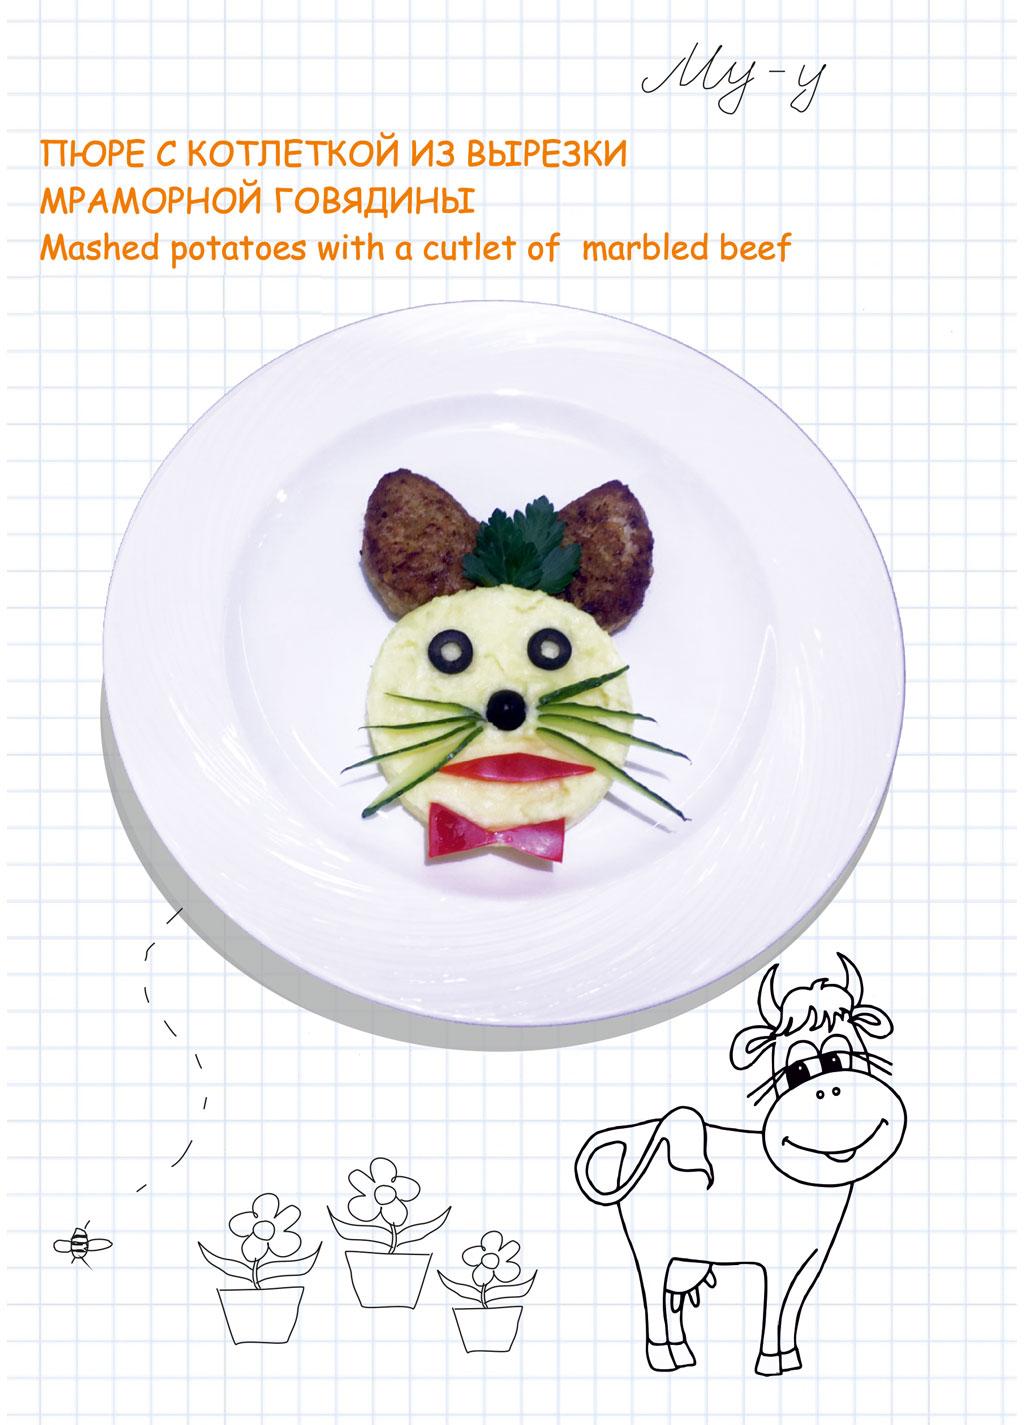 Пюре с котлеткой из вырезки мраморной говядины (Mashed potatoes with a cutlet of marbled beef) в ресторане Аннам Брахма в Оренбурге.jpg